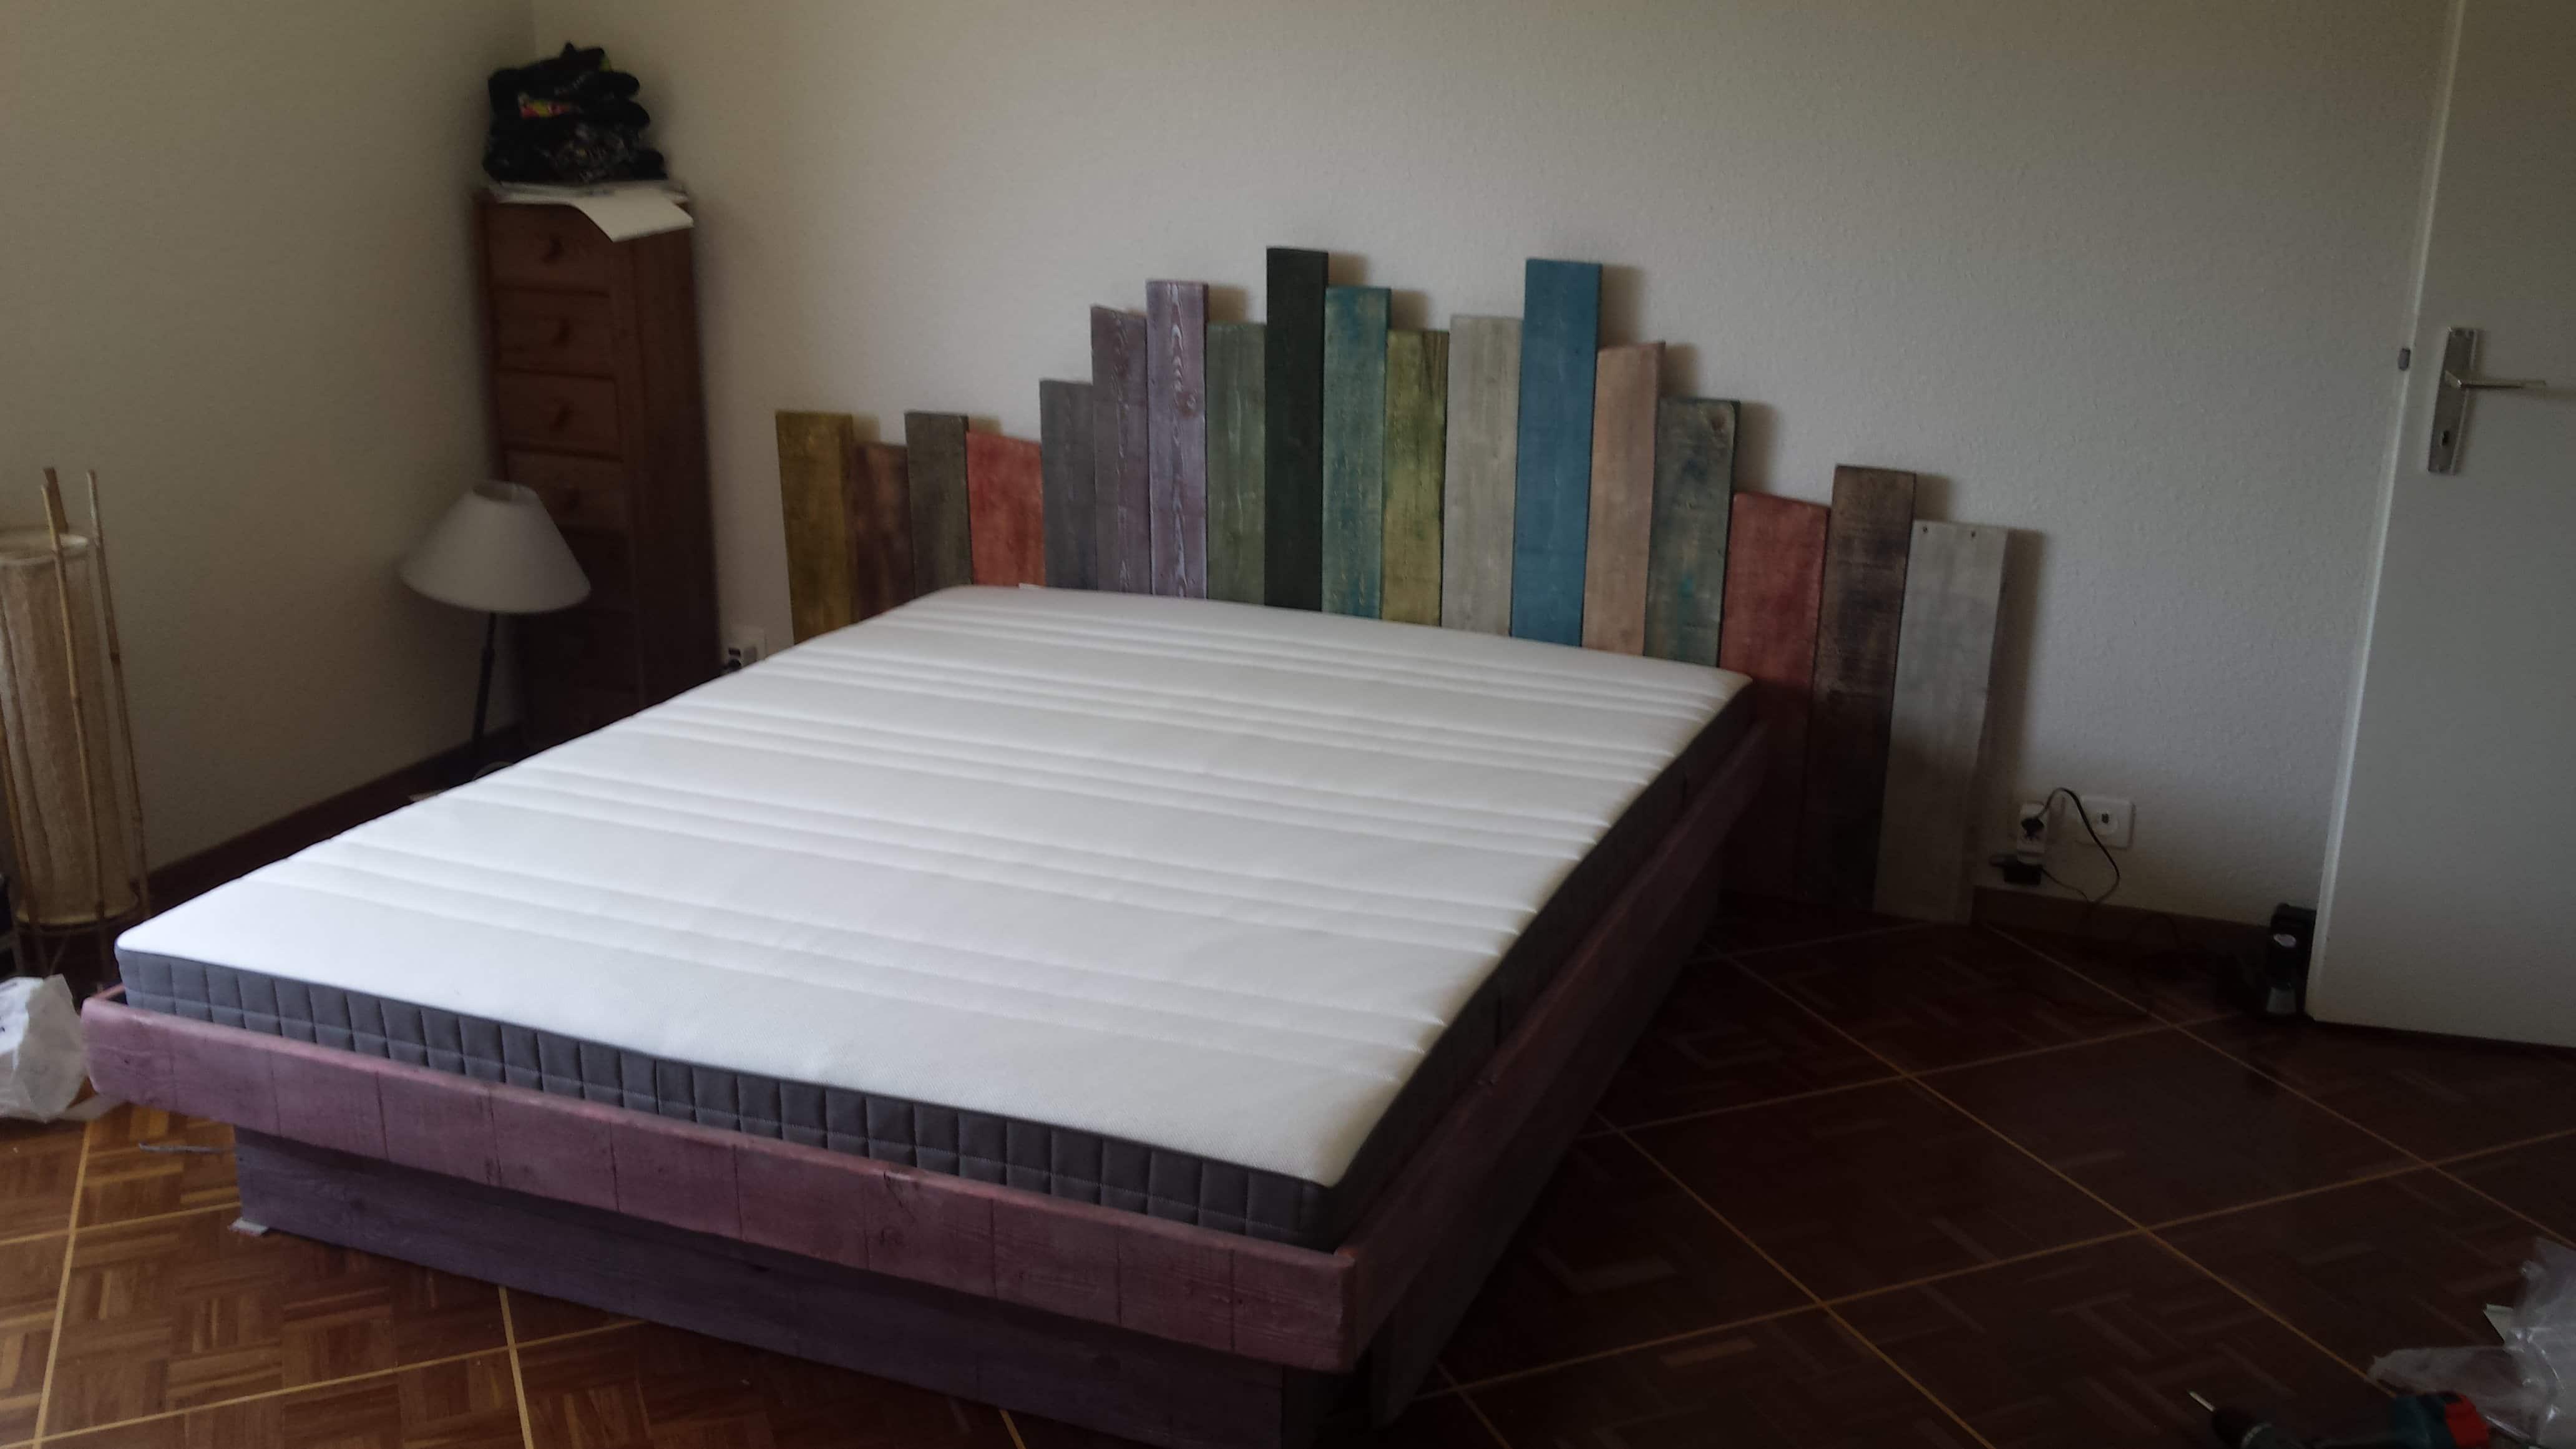 100 dise os de muebles con palets para interior y exterior for Cabeceros de cama con palets